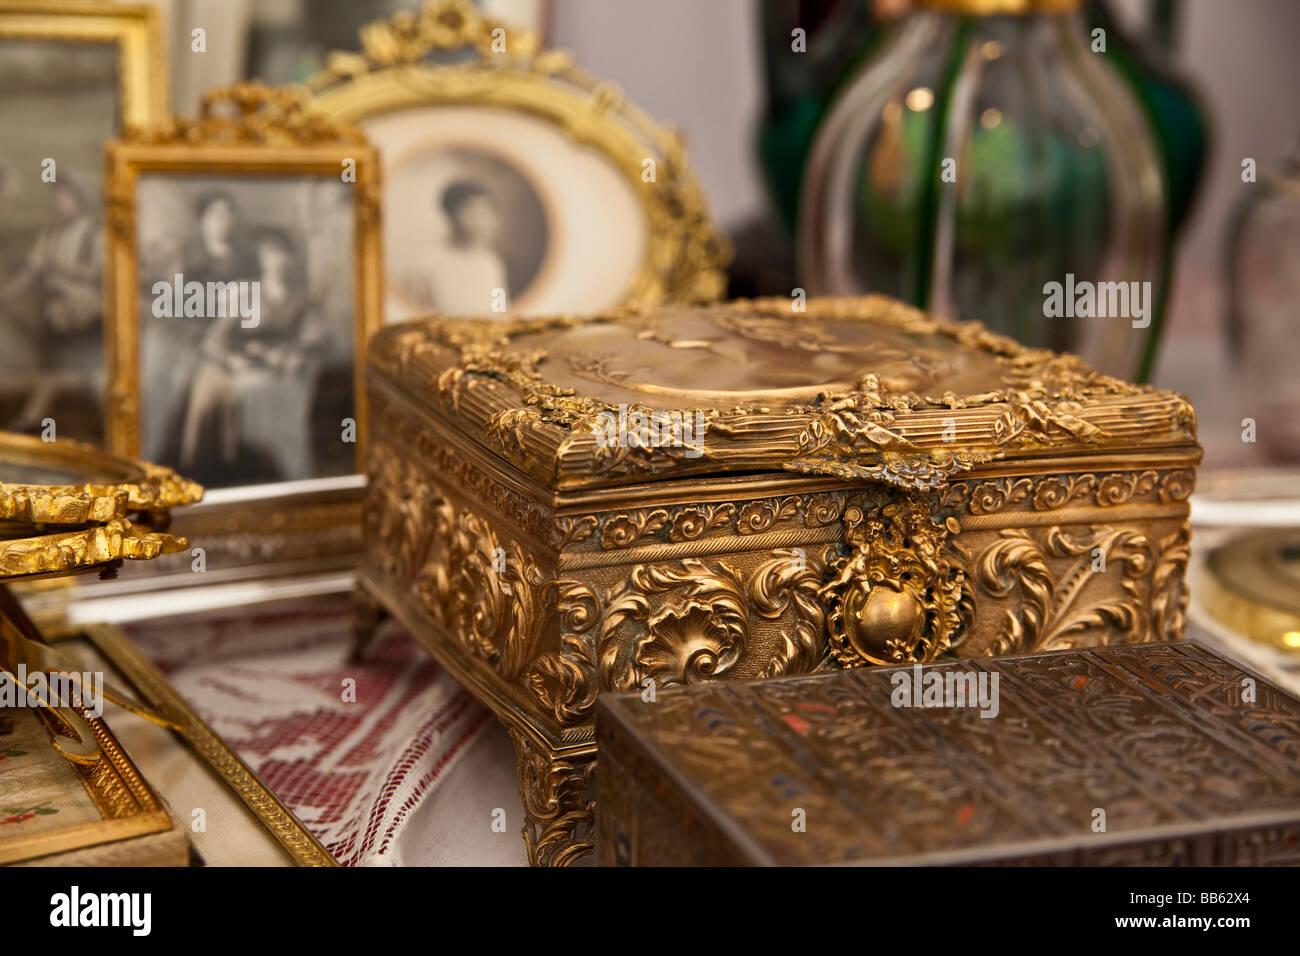 Antique Jewelry Stock Photos Antique Jewelry Stock Images Alamy